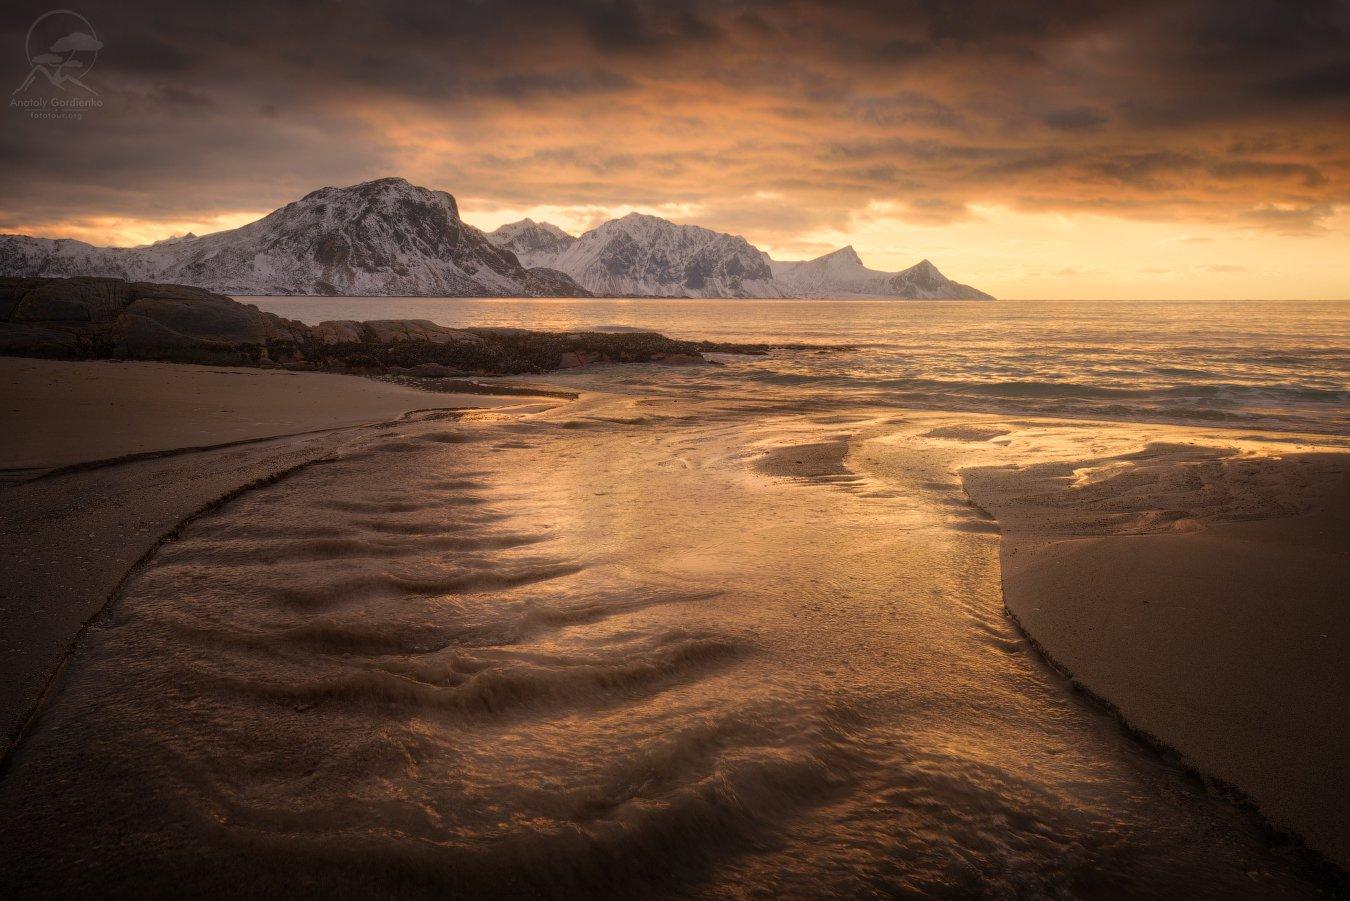 пейзаж, природа, море, норвегия, лофотены, Анатолий Гордиенко www.fototour.org